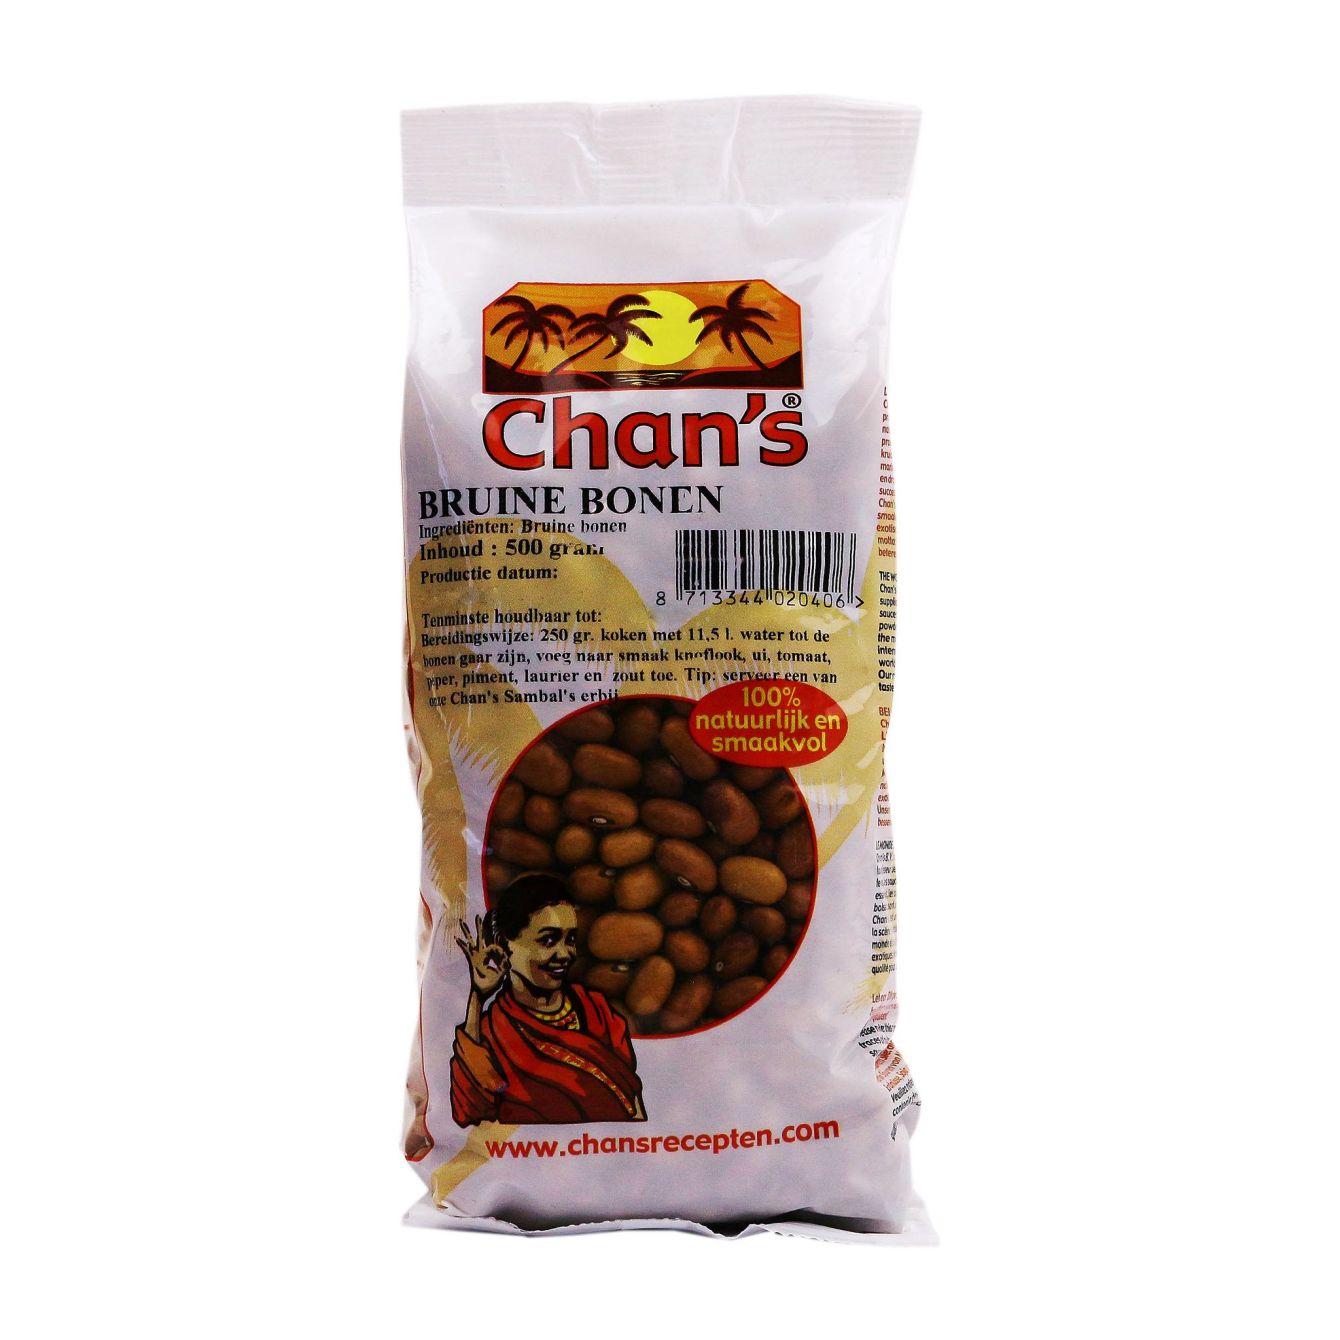 Chan's Bruine Bonen